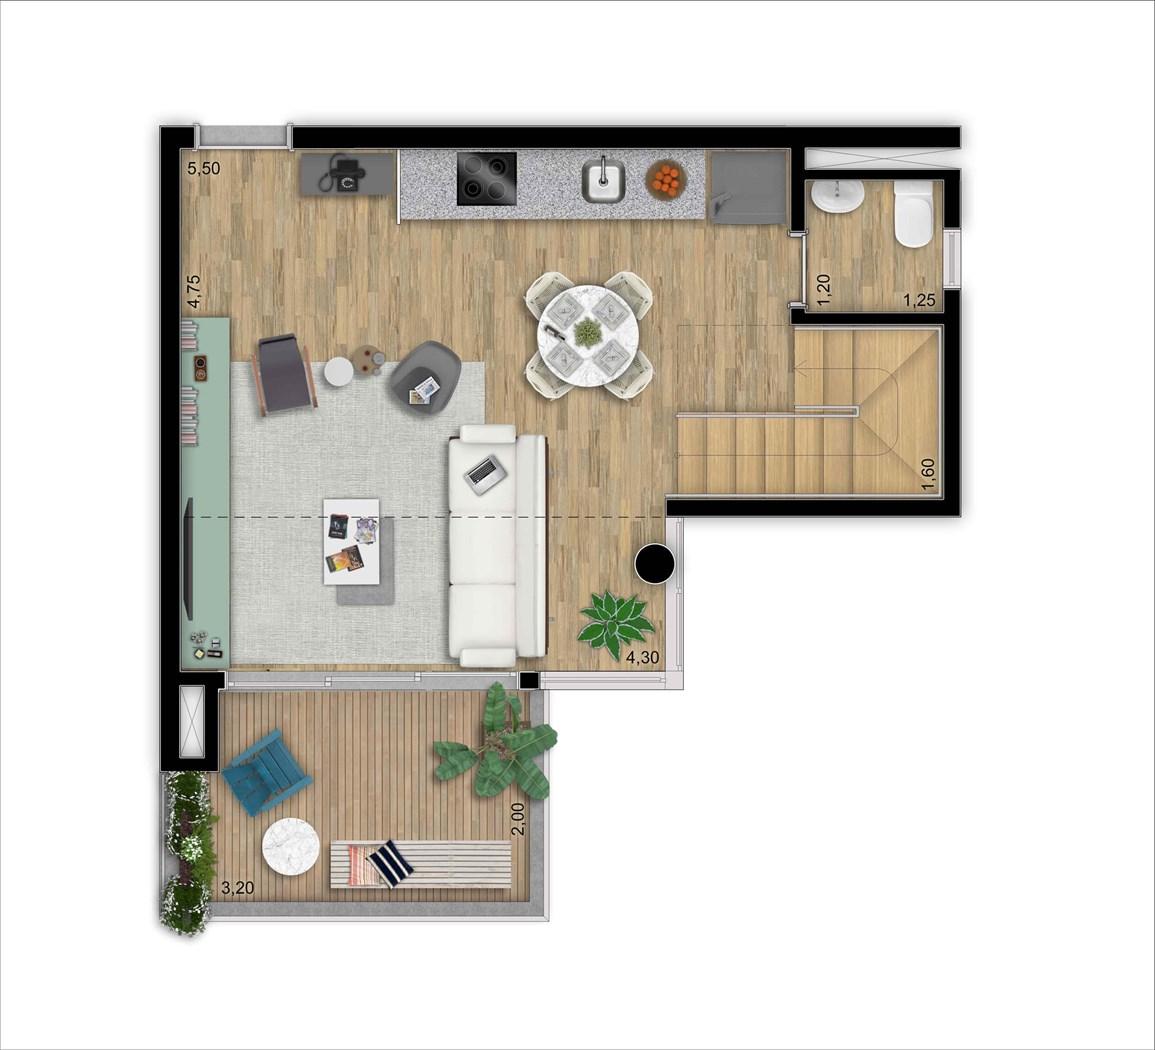 Duplex inferior 64 m 1 suíte | 2 vagas | Depósito privativo